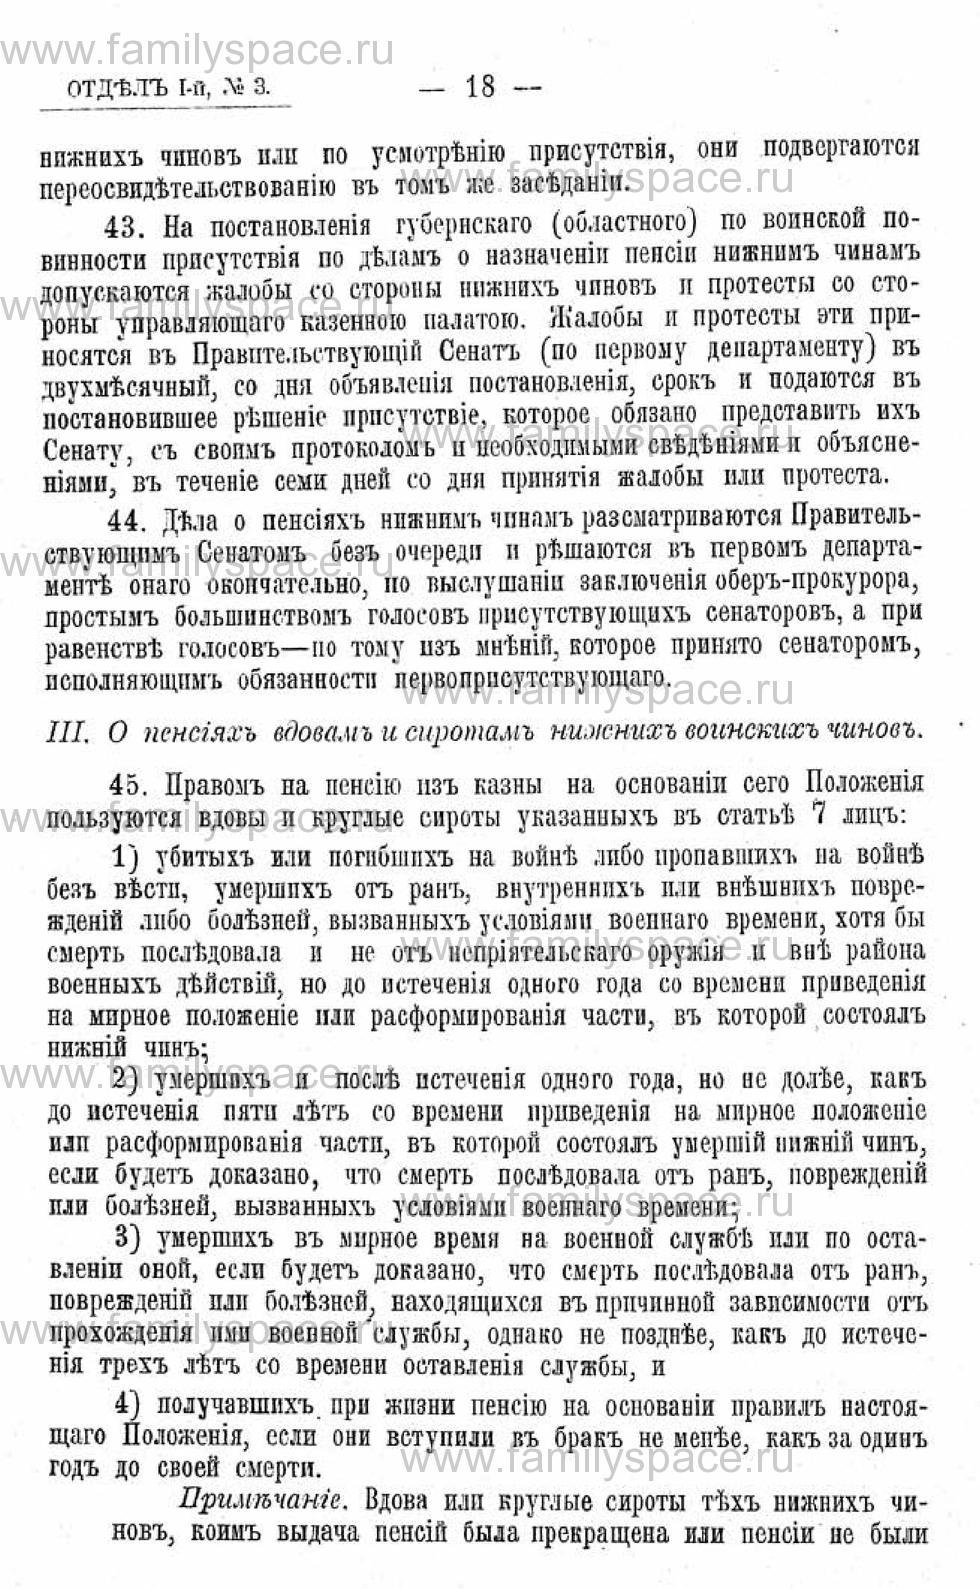 Поиск по фамилии - Памятная книжка Воронежской губернии на 1915 год, страница 1018